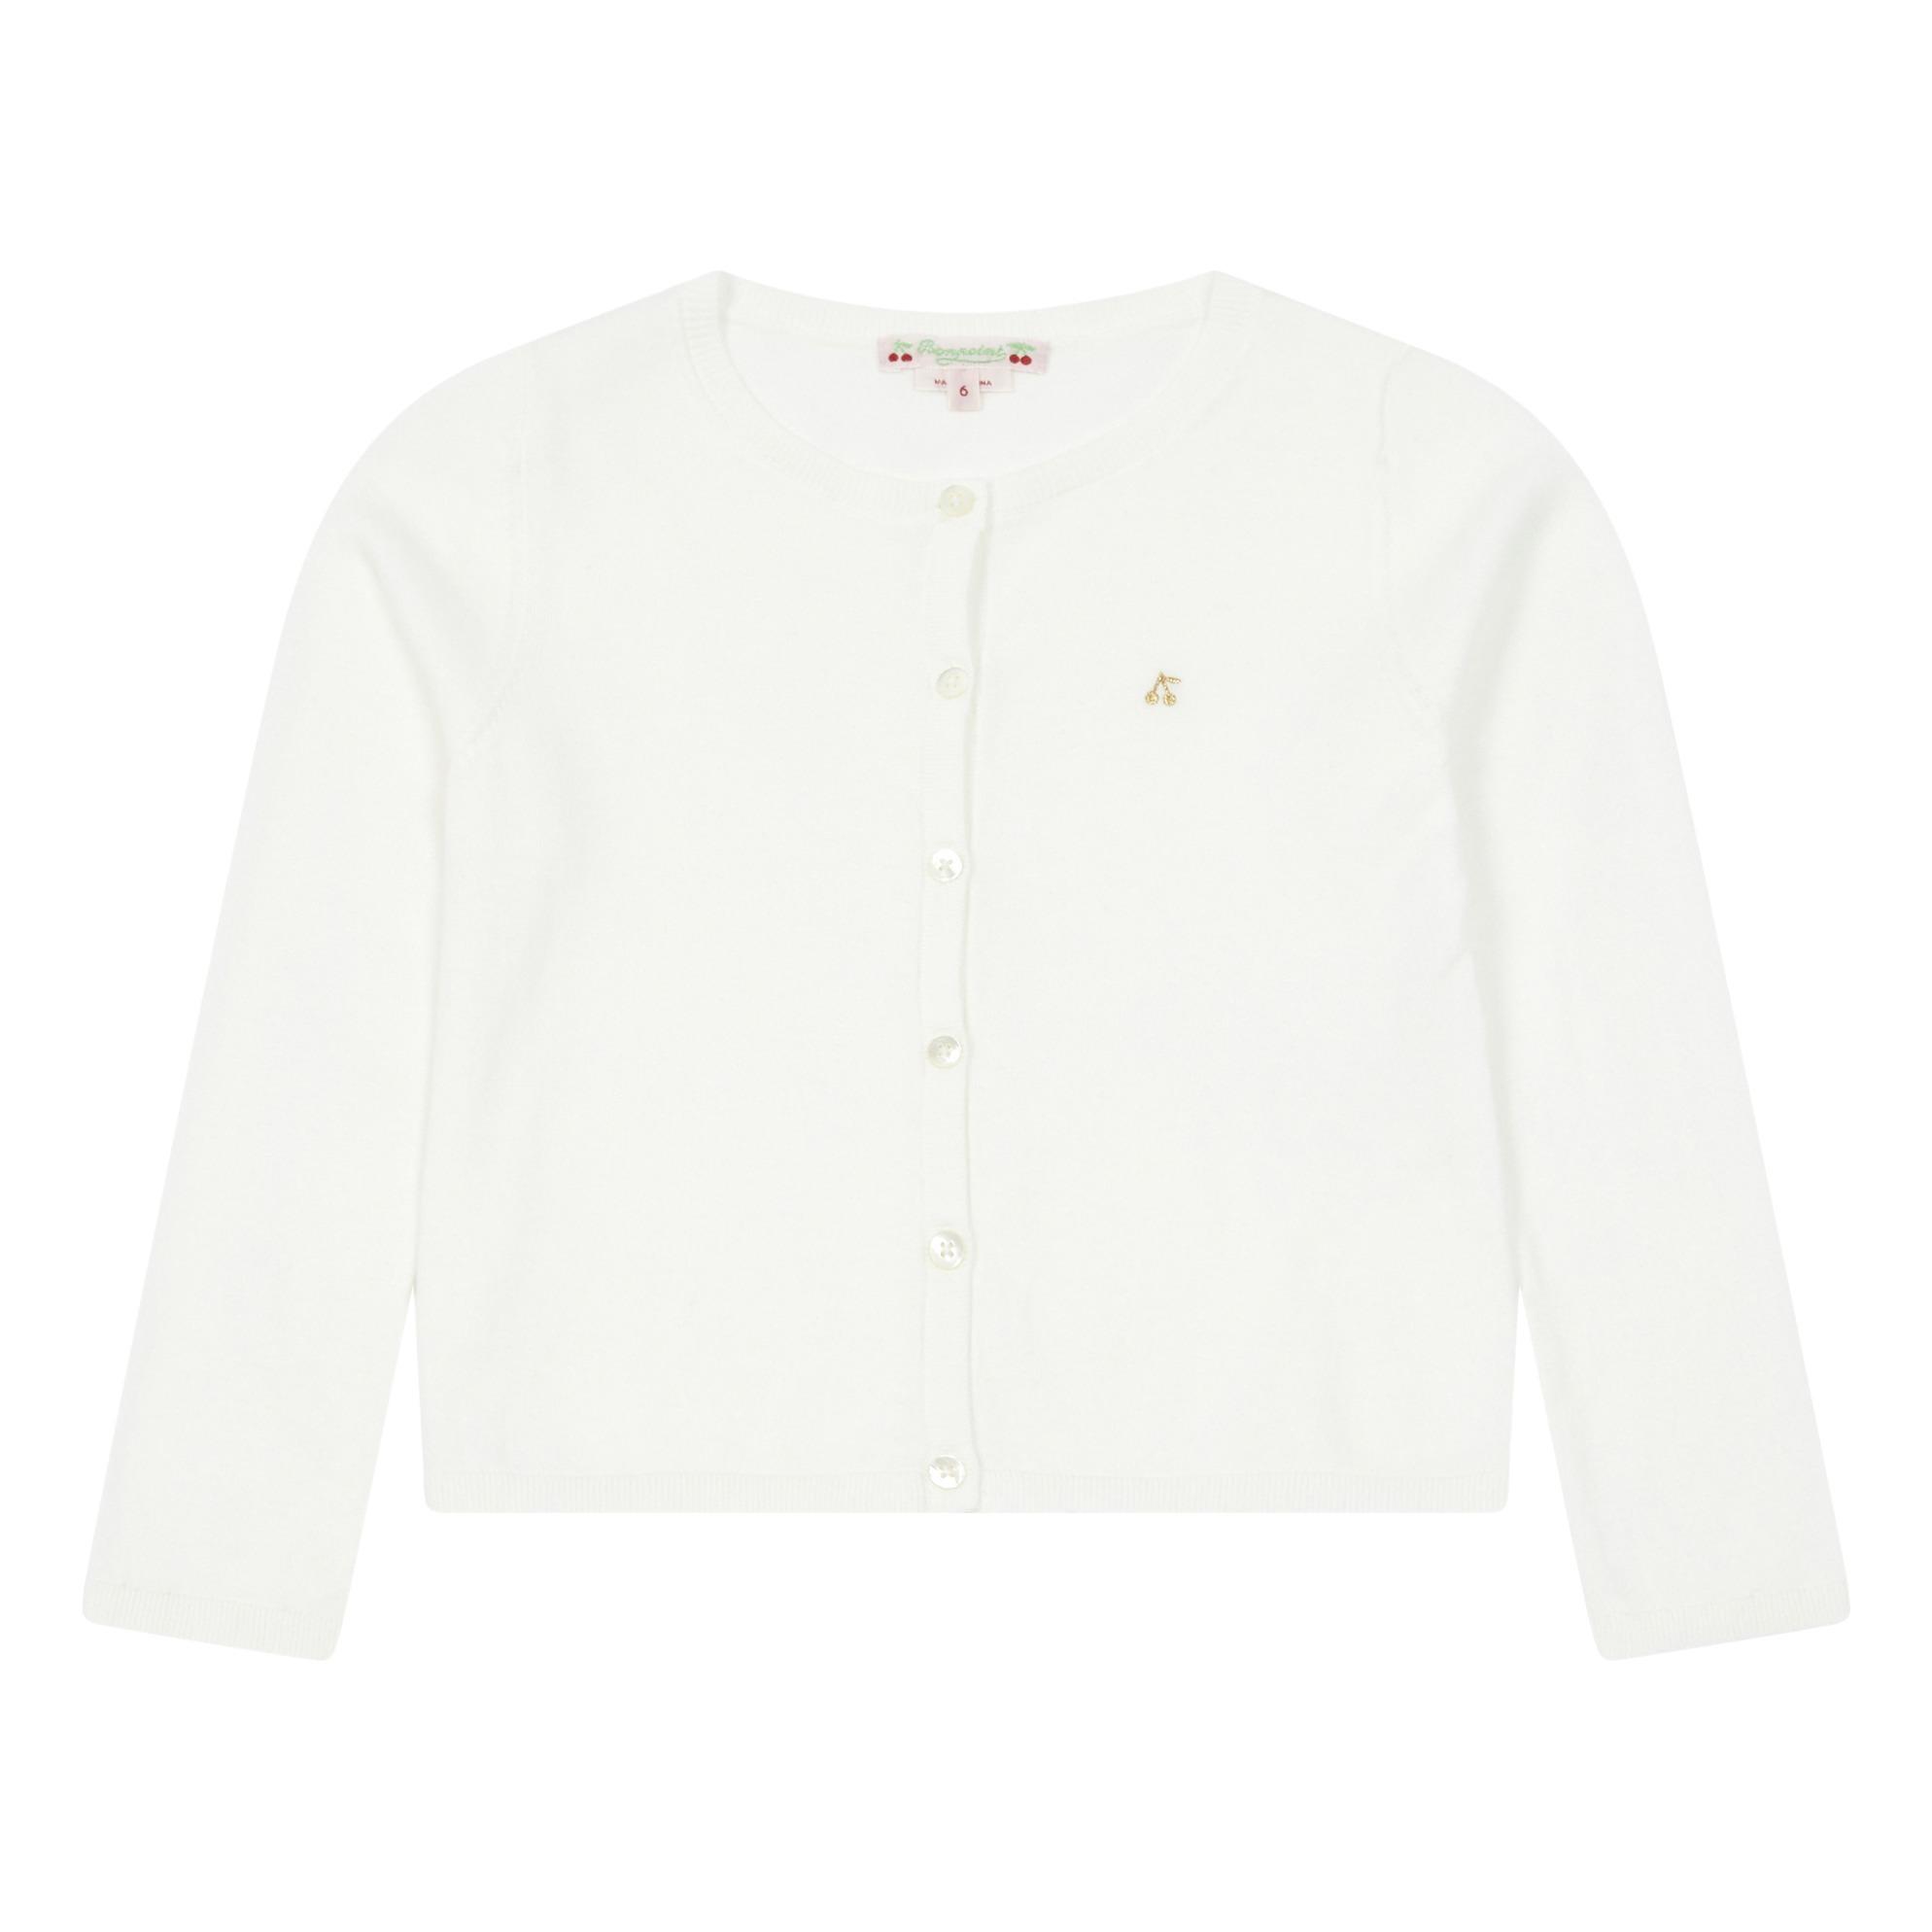 Wei Juan Pullover Für Mädchen Mädchen Kleidung Strickjacke Kaschmir Strick Pullover Kinder Pullover Outwears Mutter & Kinder